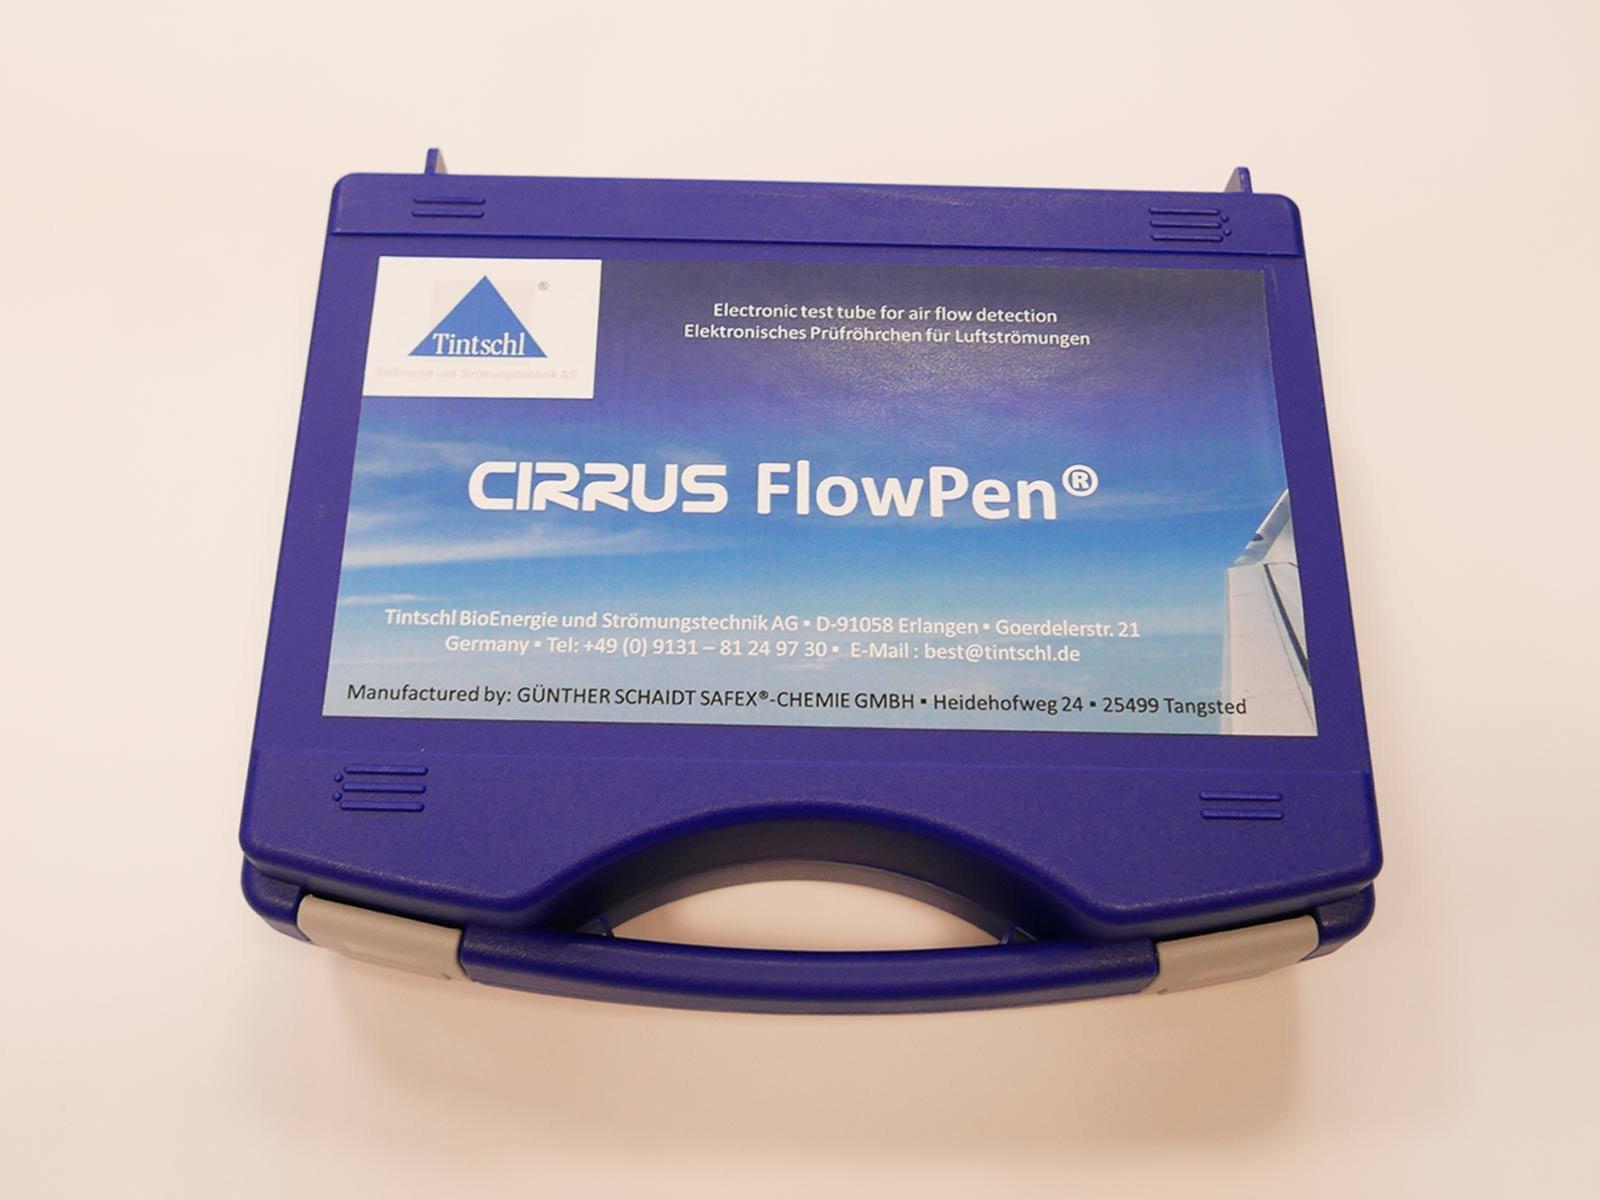 CIRRUS FlowPen